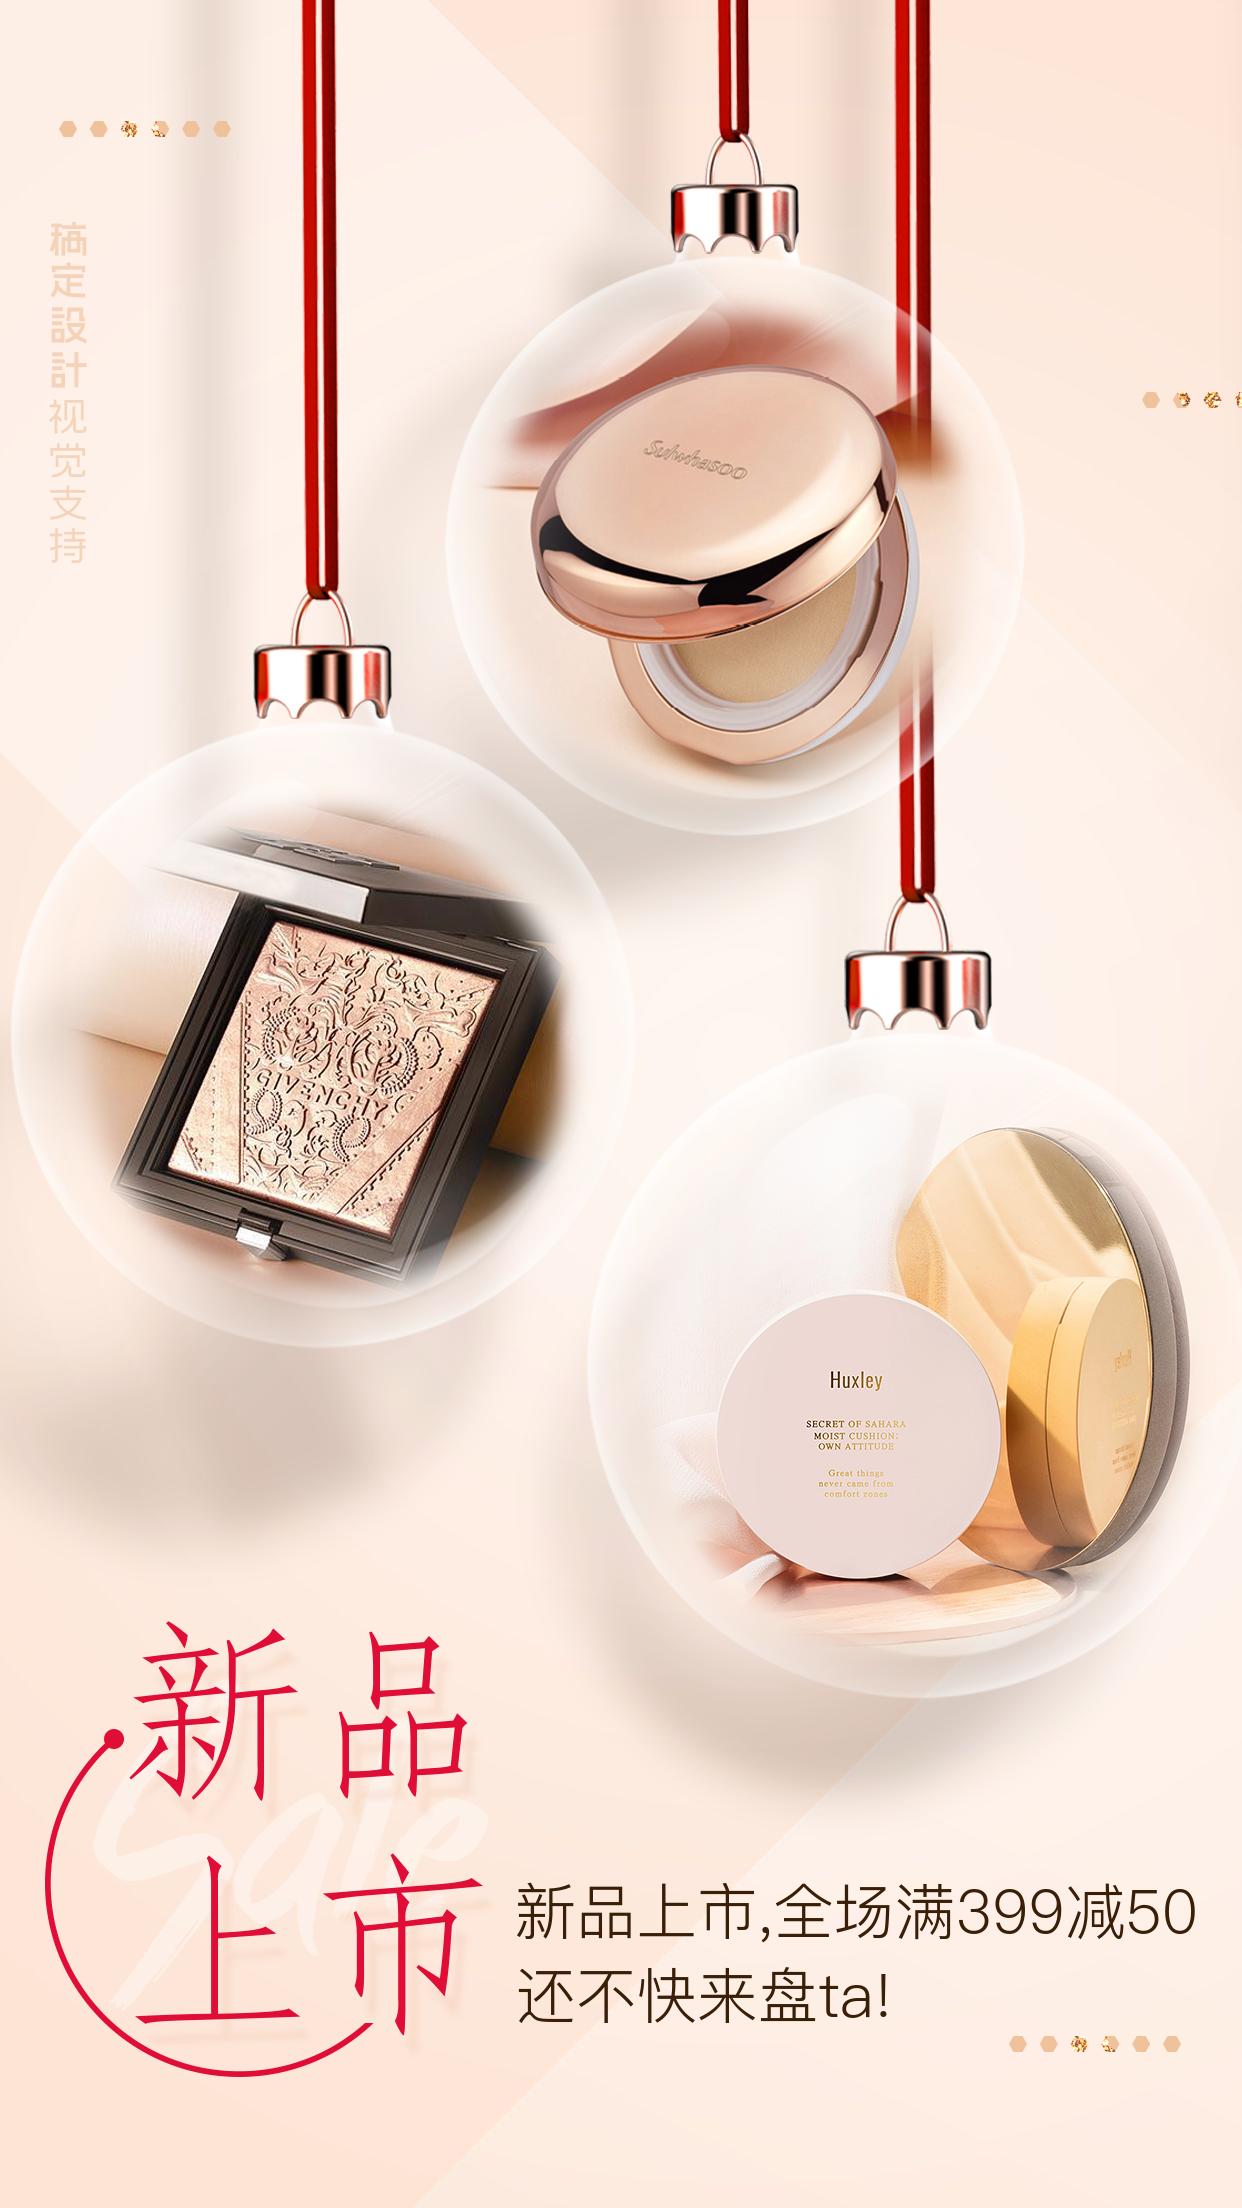 创意文艺美妆新品上市促销